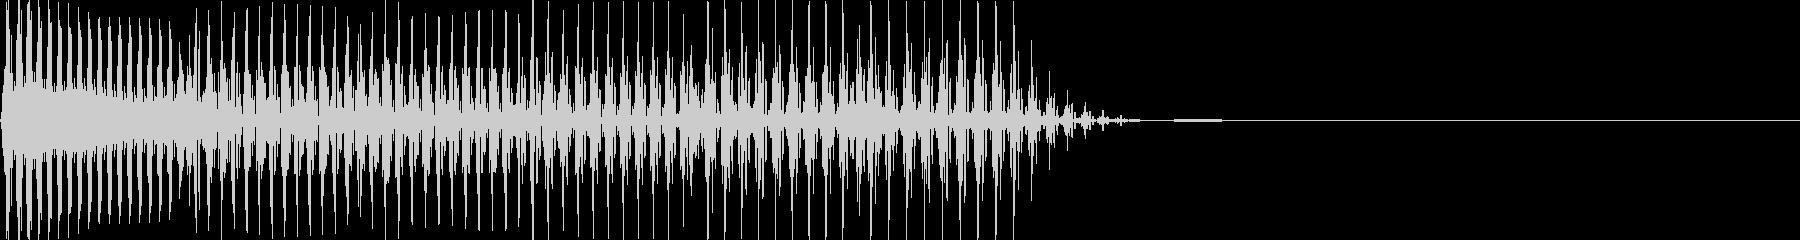 ピロンの未再生の波形